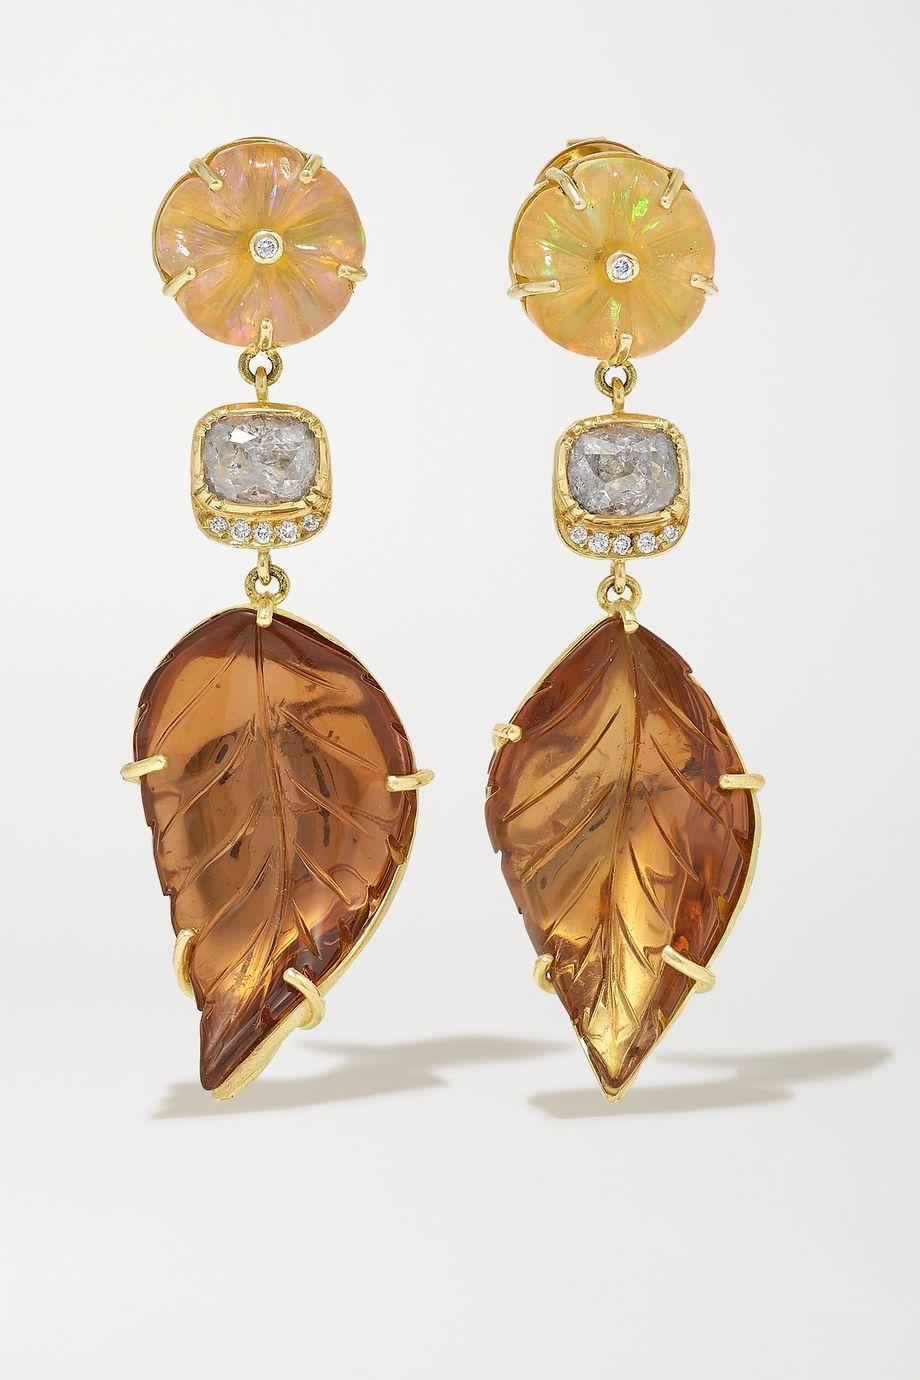 Brooke Gregson Boucles d'oreilles en or 18 carats et pierres multiples Blossom Leaf